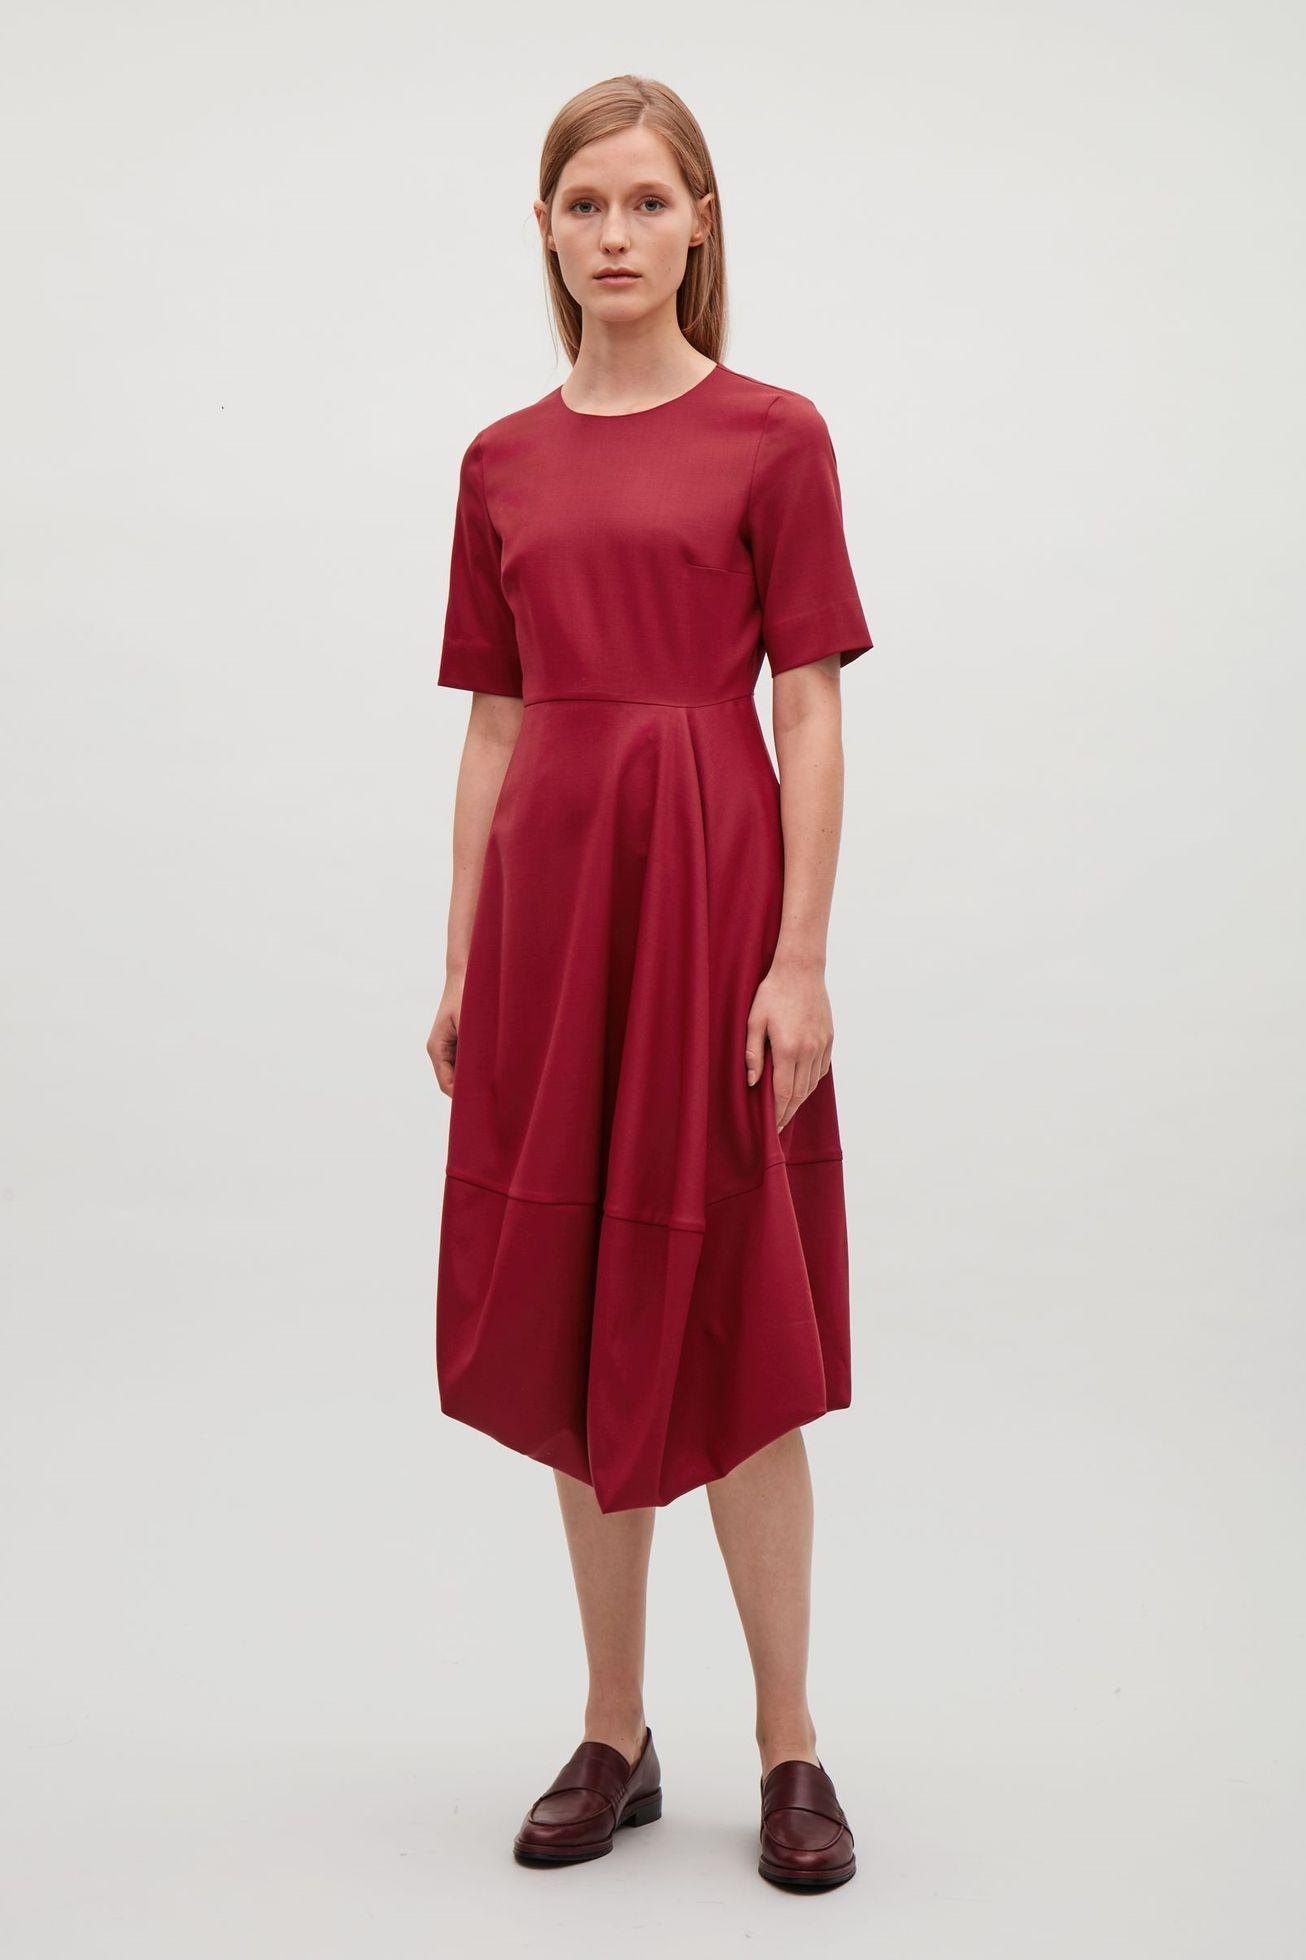 Co si vzít na vánoční večírek  Absolutním hitem jsou červené šaty. 6 26  Prohlédnout znovu Zavřít galerii. šaty e68ad1508a